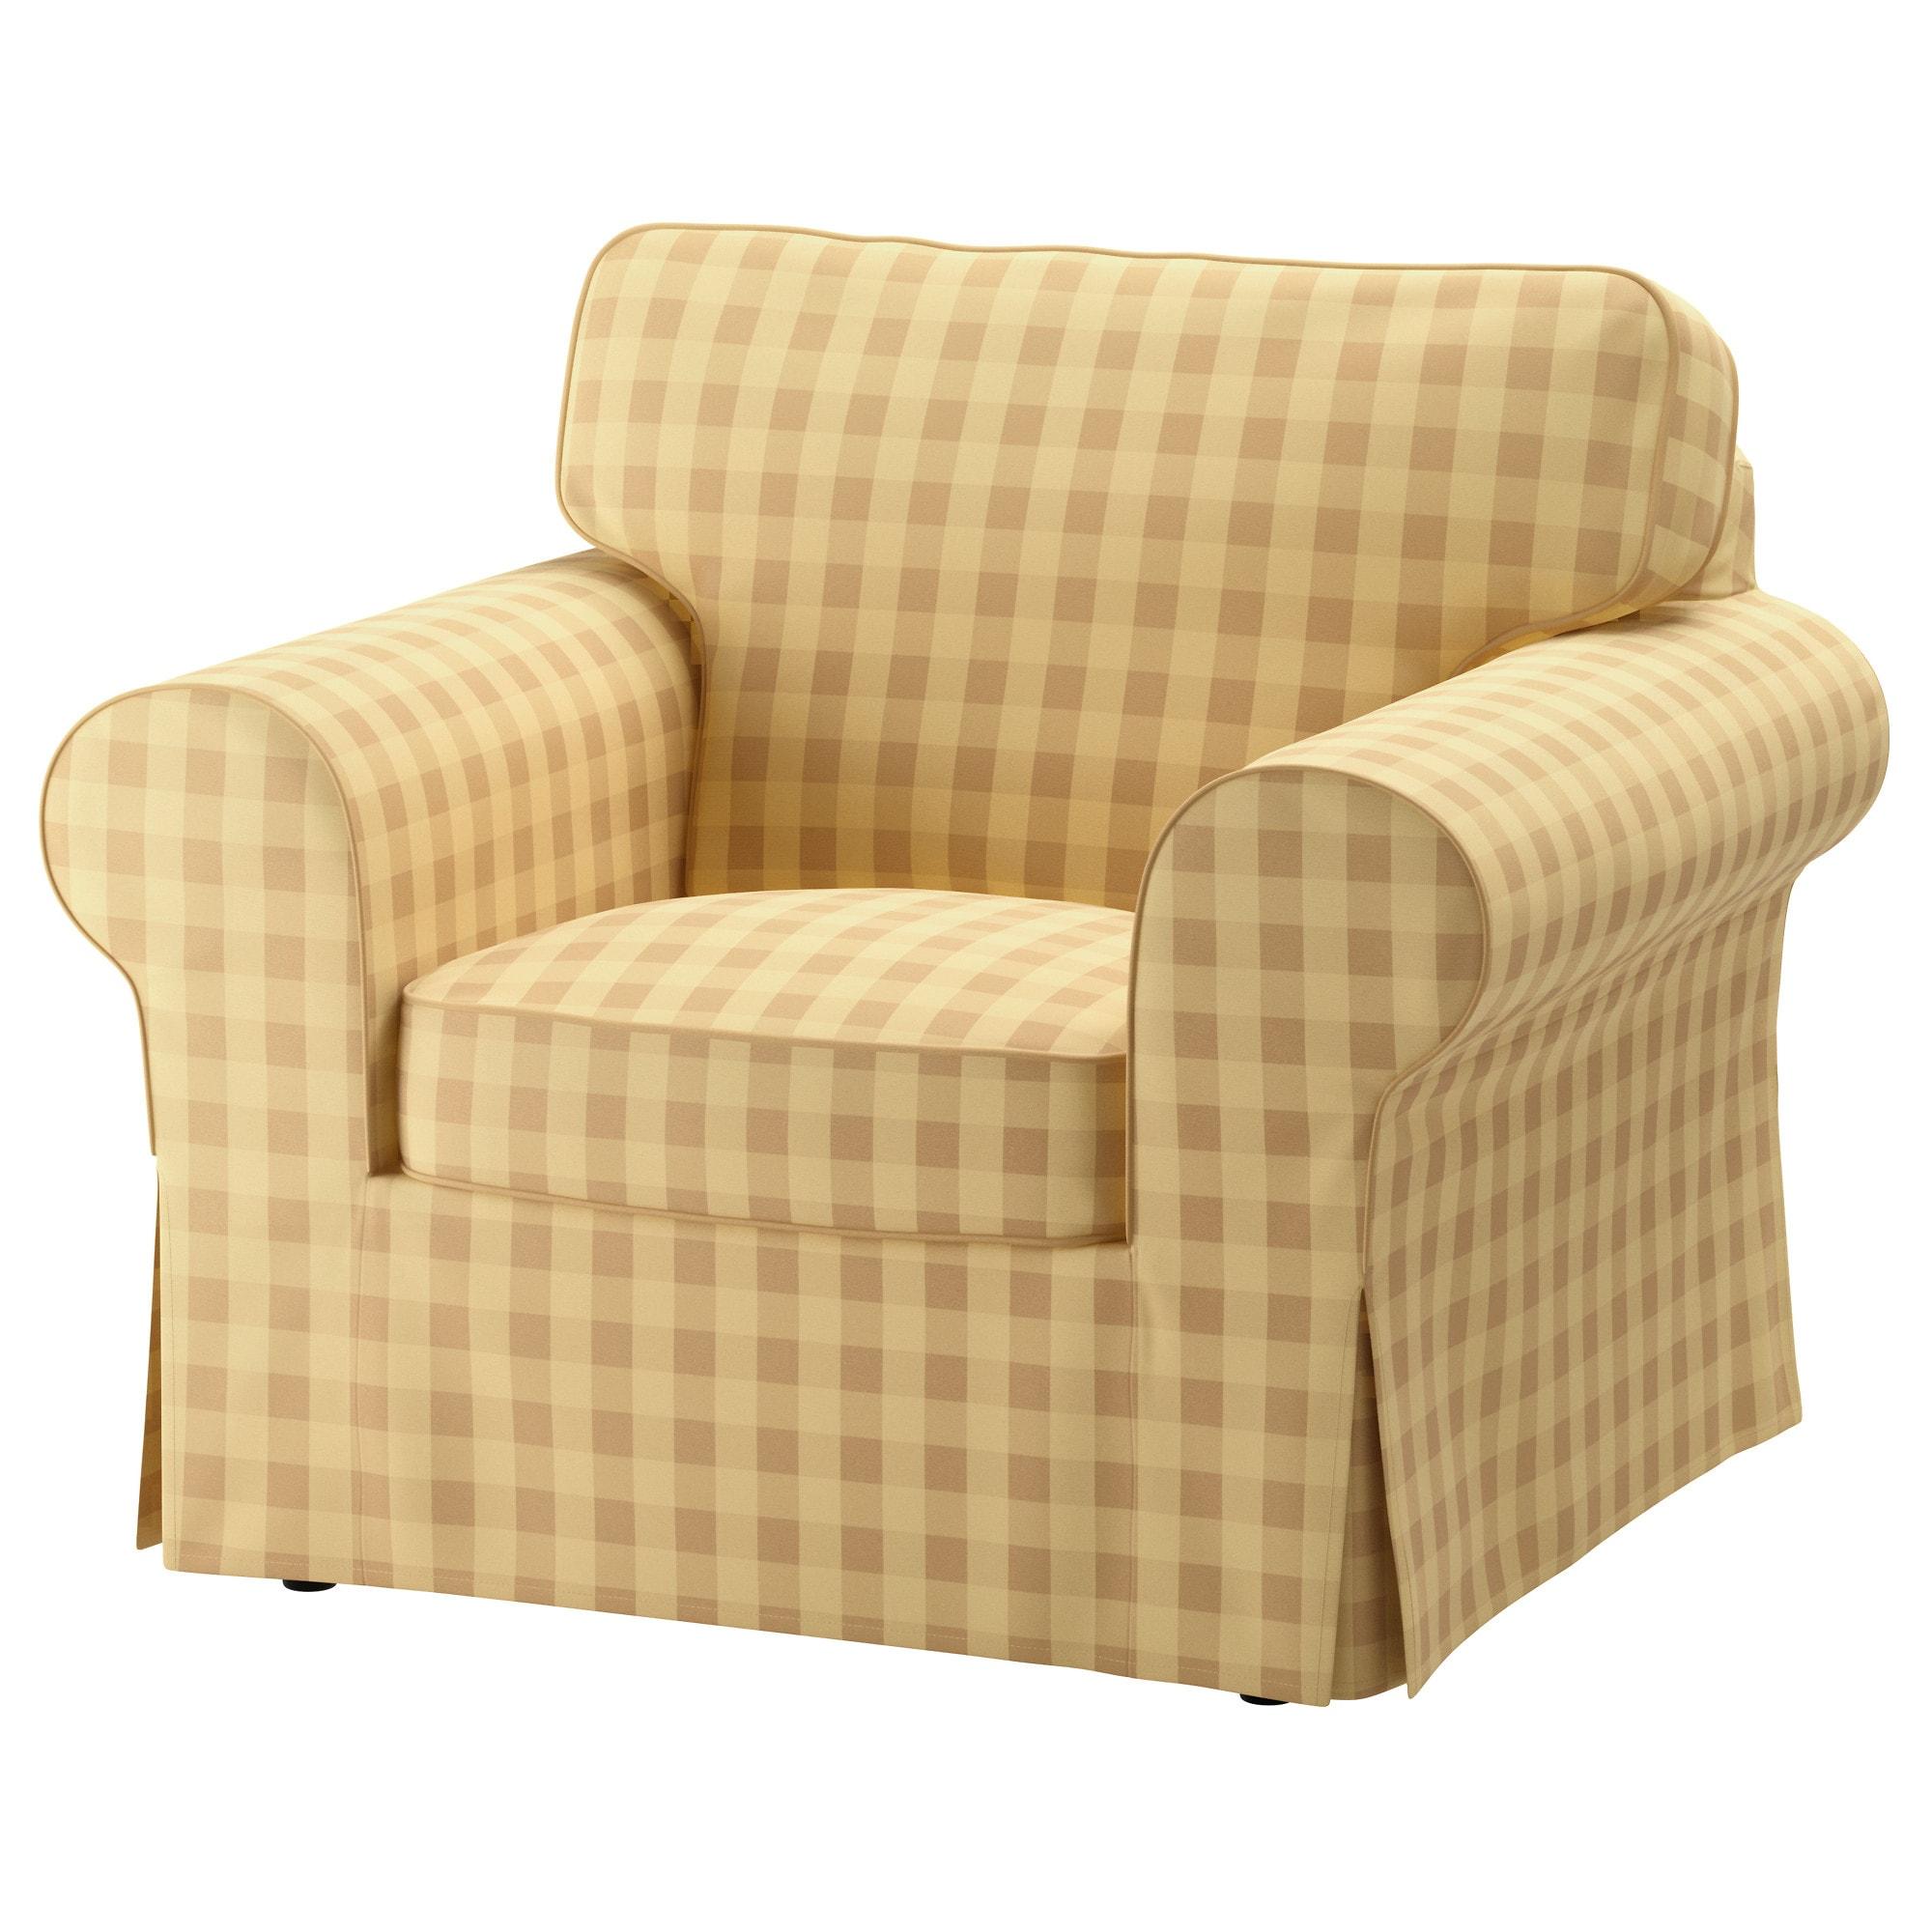 Кресло ЭКТОРП желтый артикуль № 892.824.02 в наличии. Интернет магазин IKEA Минск. Недорогая доставка и установка.